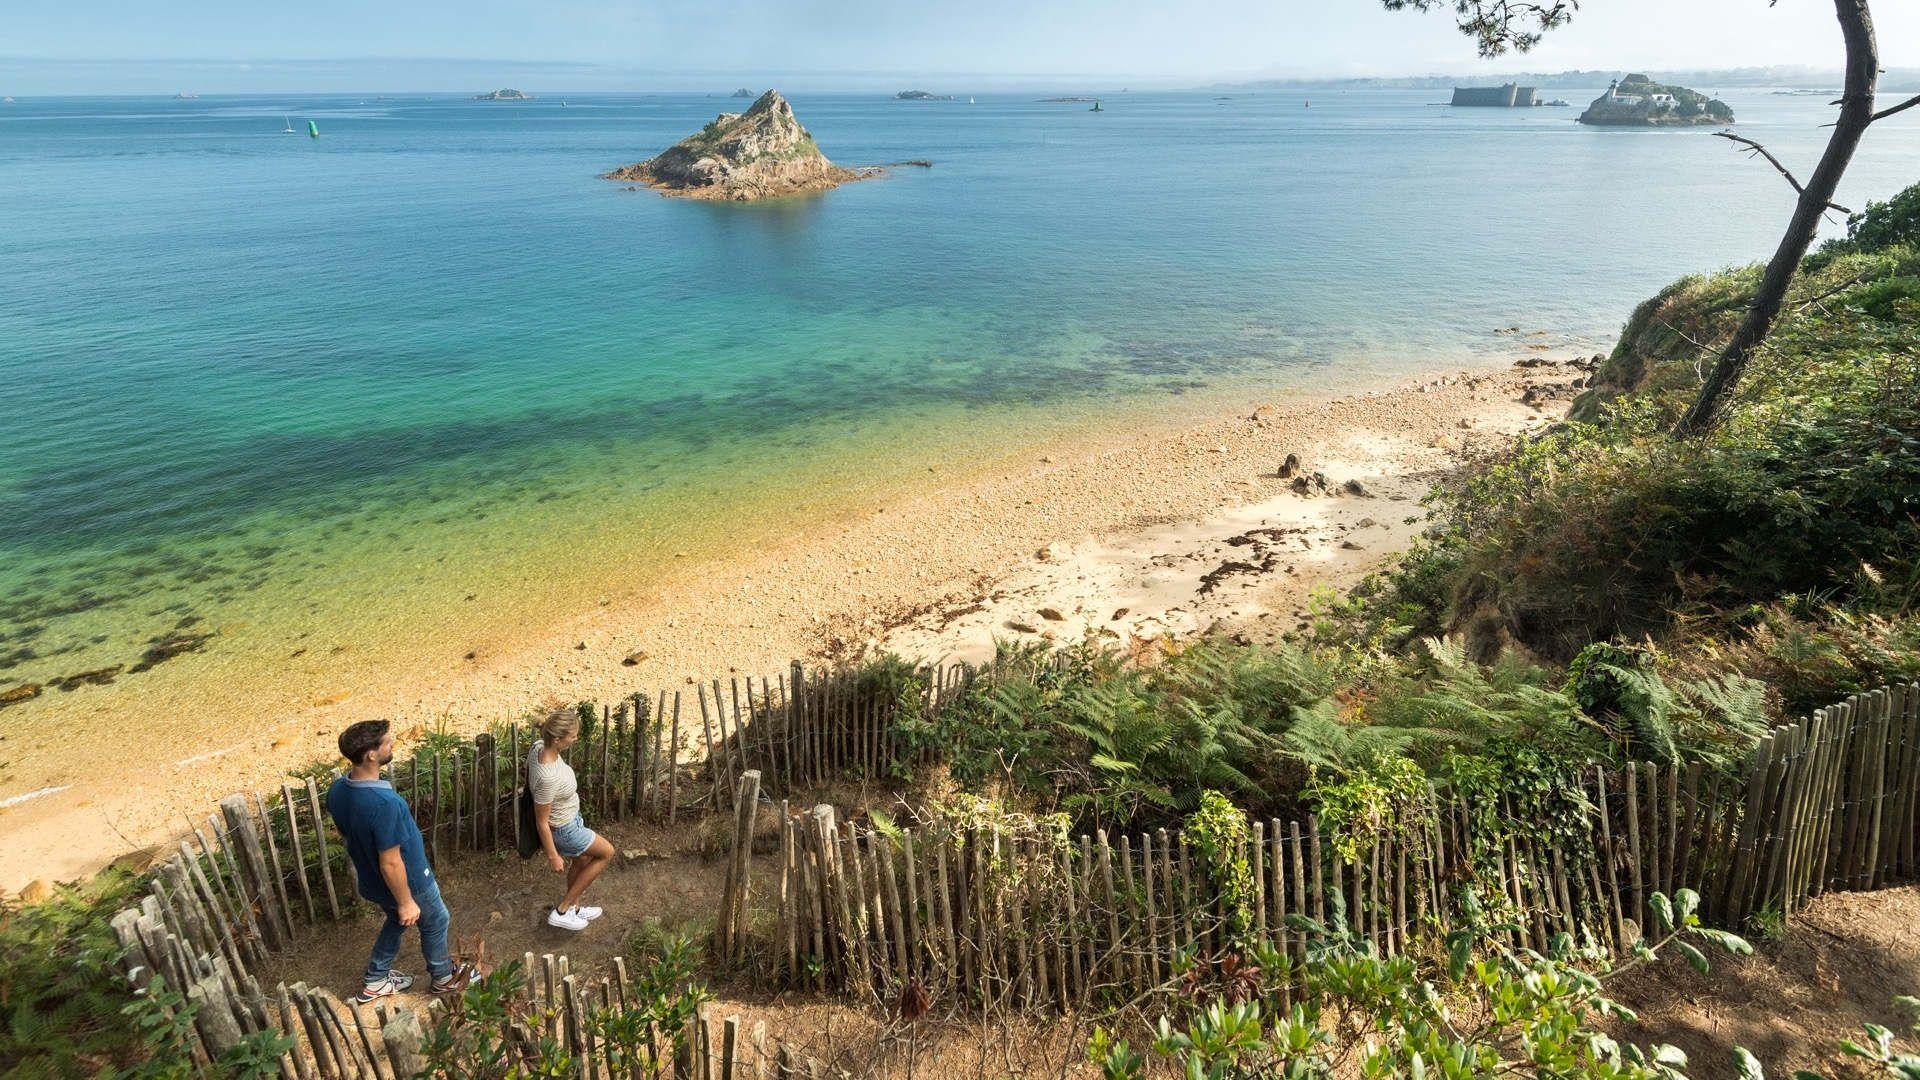 Voyagez Chic Et Pas Cher Morlaix Carantec Paysages Magnifiques